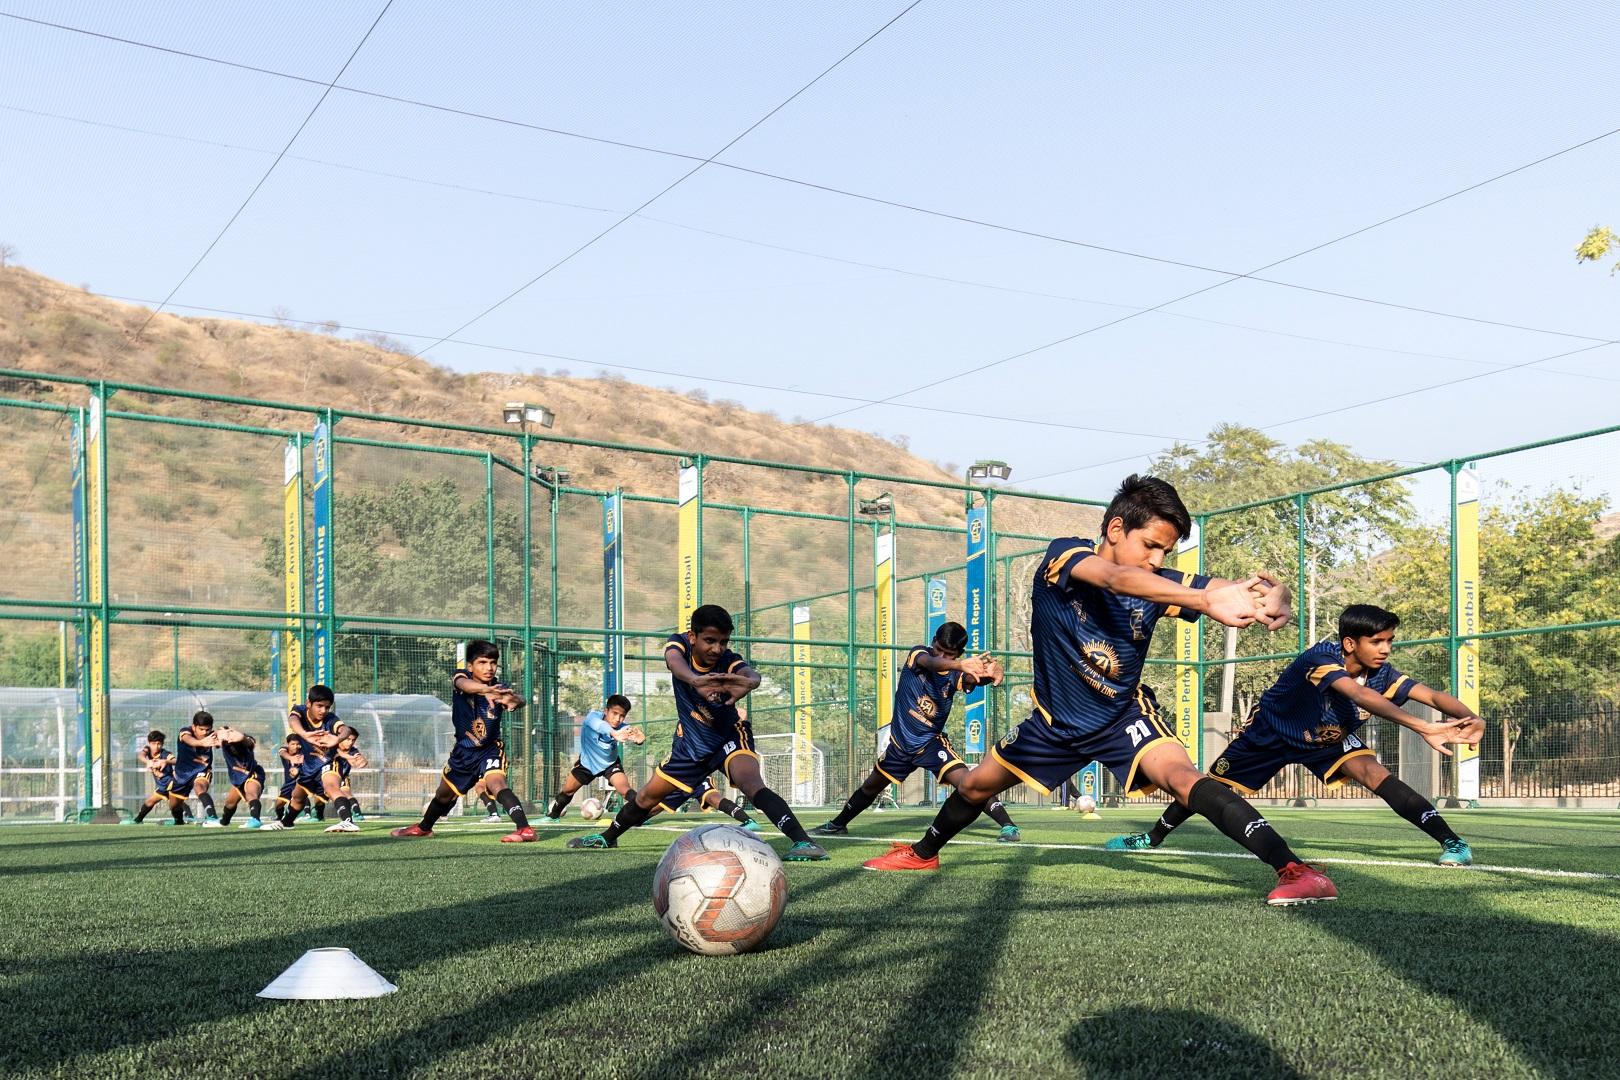 http://zincfootball.com/wp-content/uploads/2019/04/Training-1.jpg